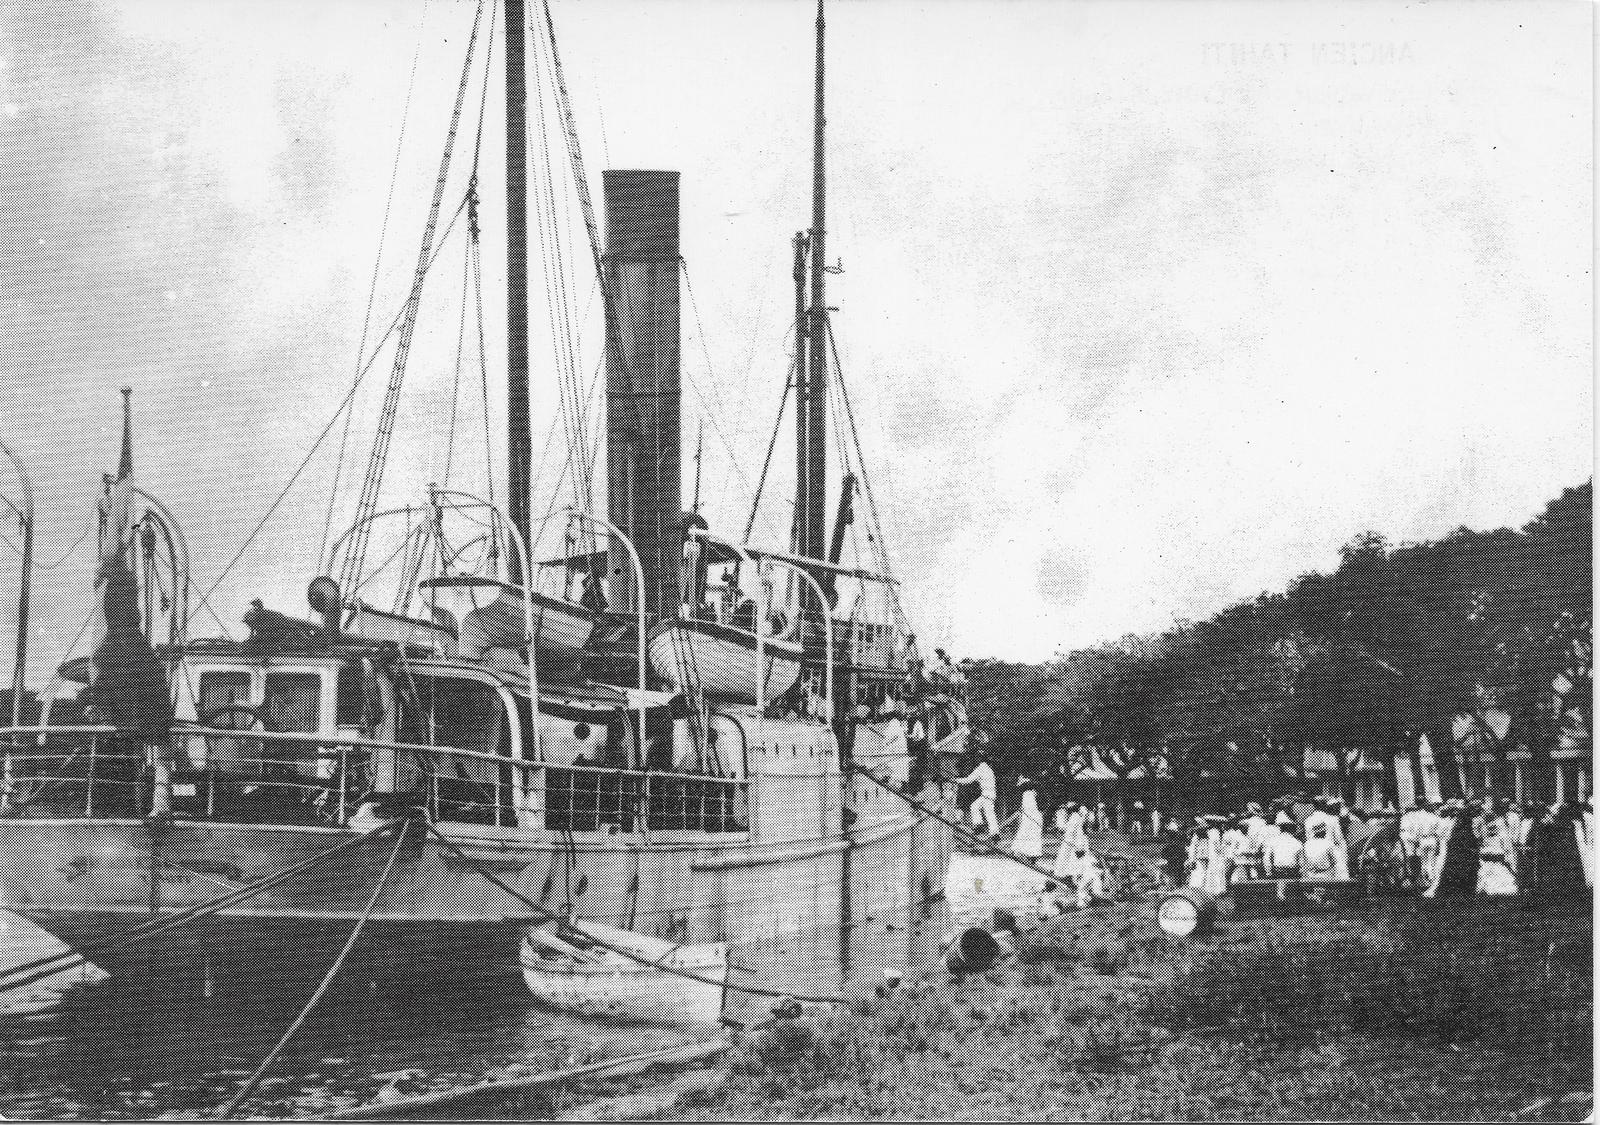 -  Ancien Tahiti - Le vapeur 'La Croix du Sud' sur lequel Gauguin se rendit aux Marquises en 1901